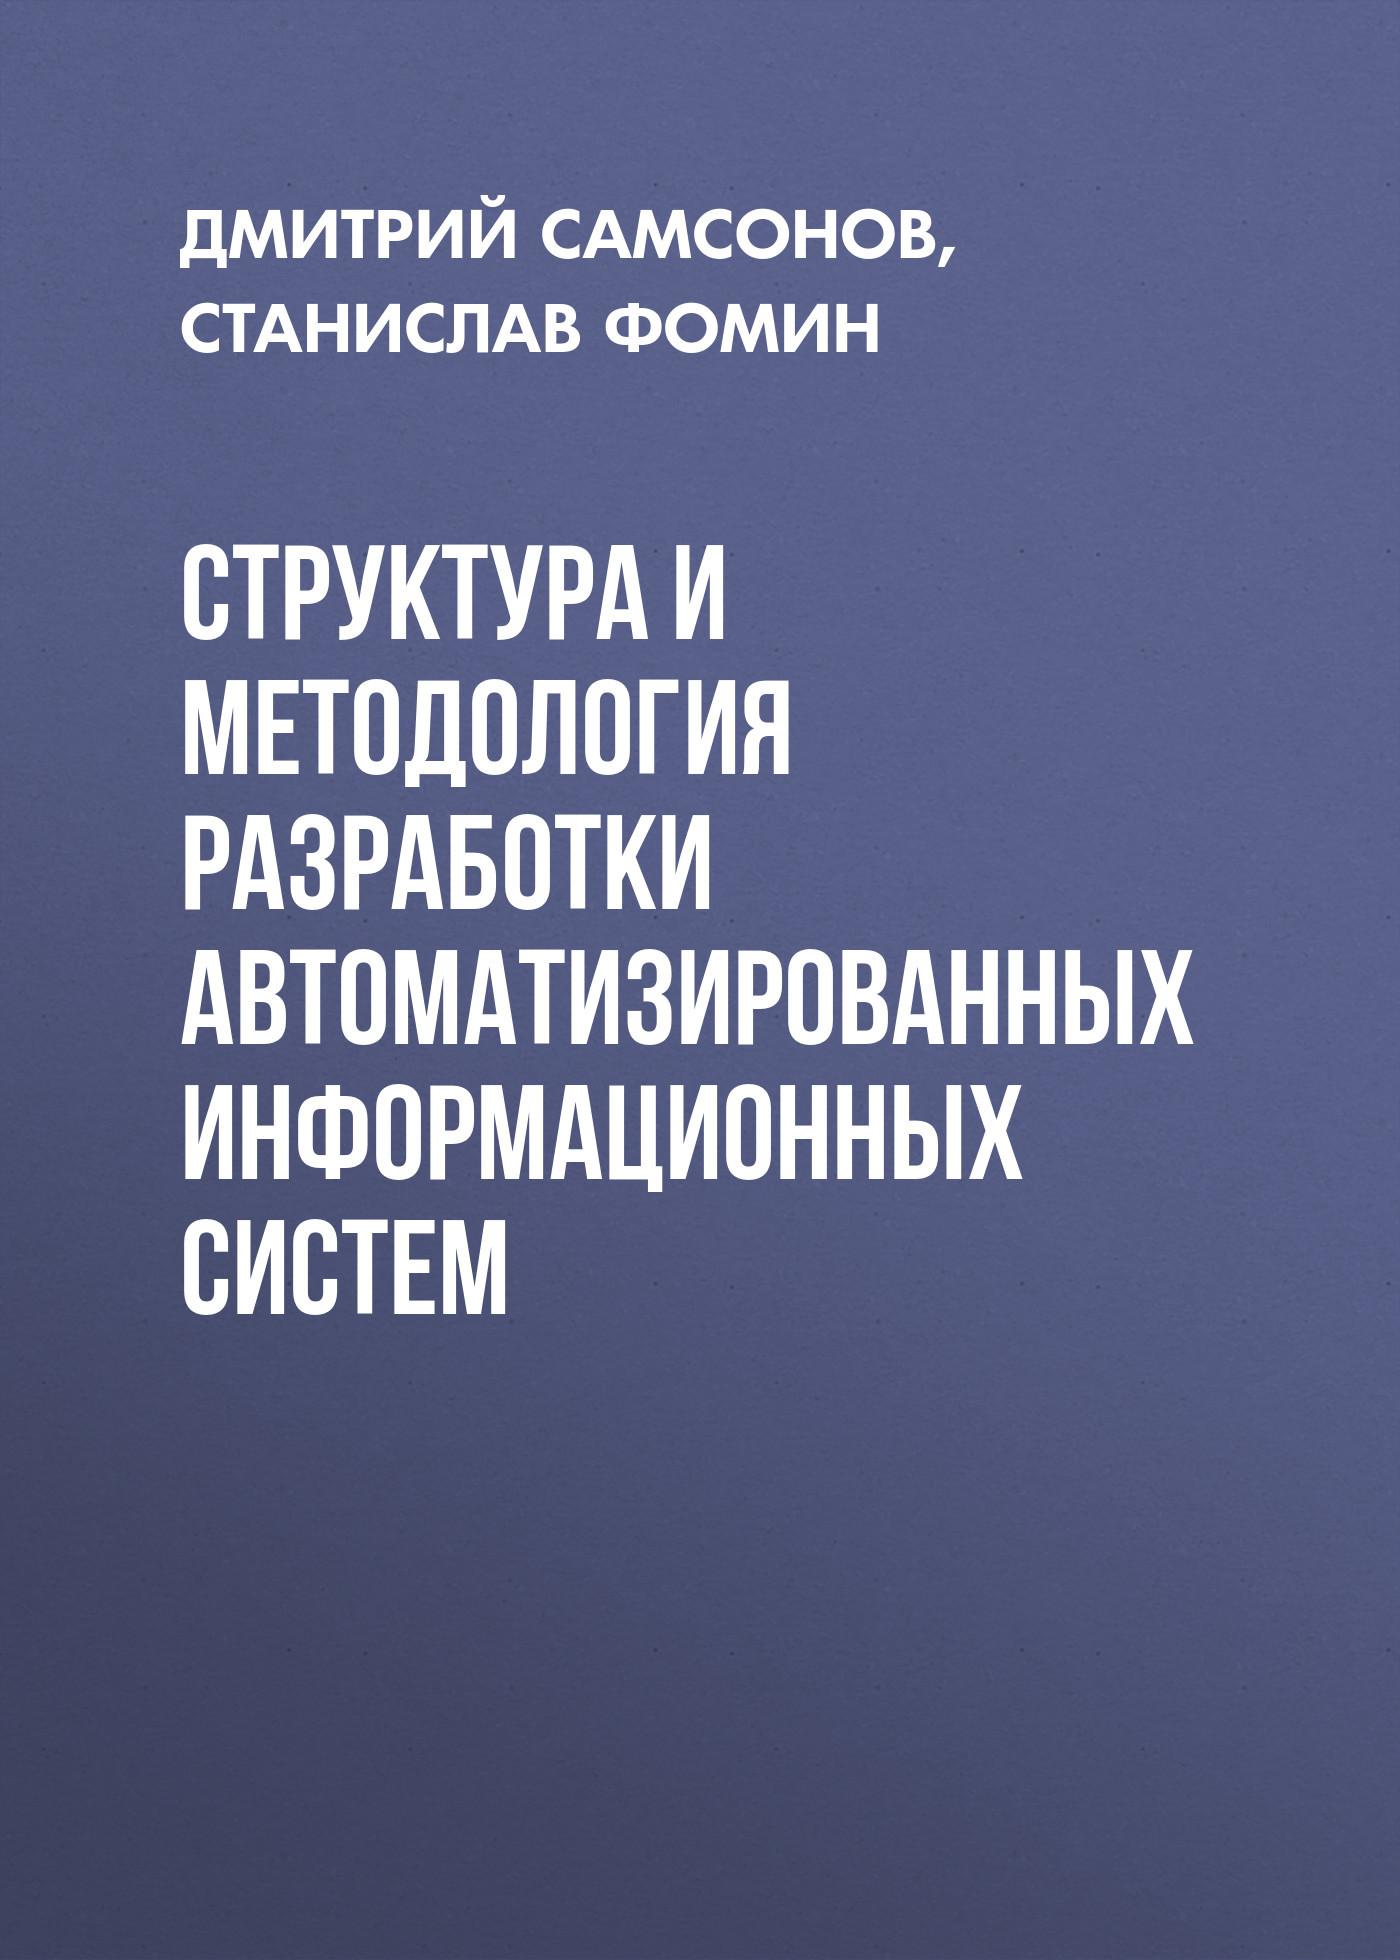 Станислав Фомин. Структура и методология разработки автоматизированных информационных систем